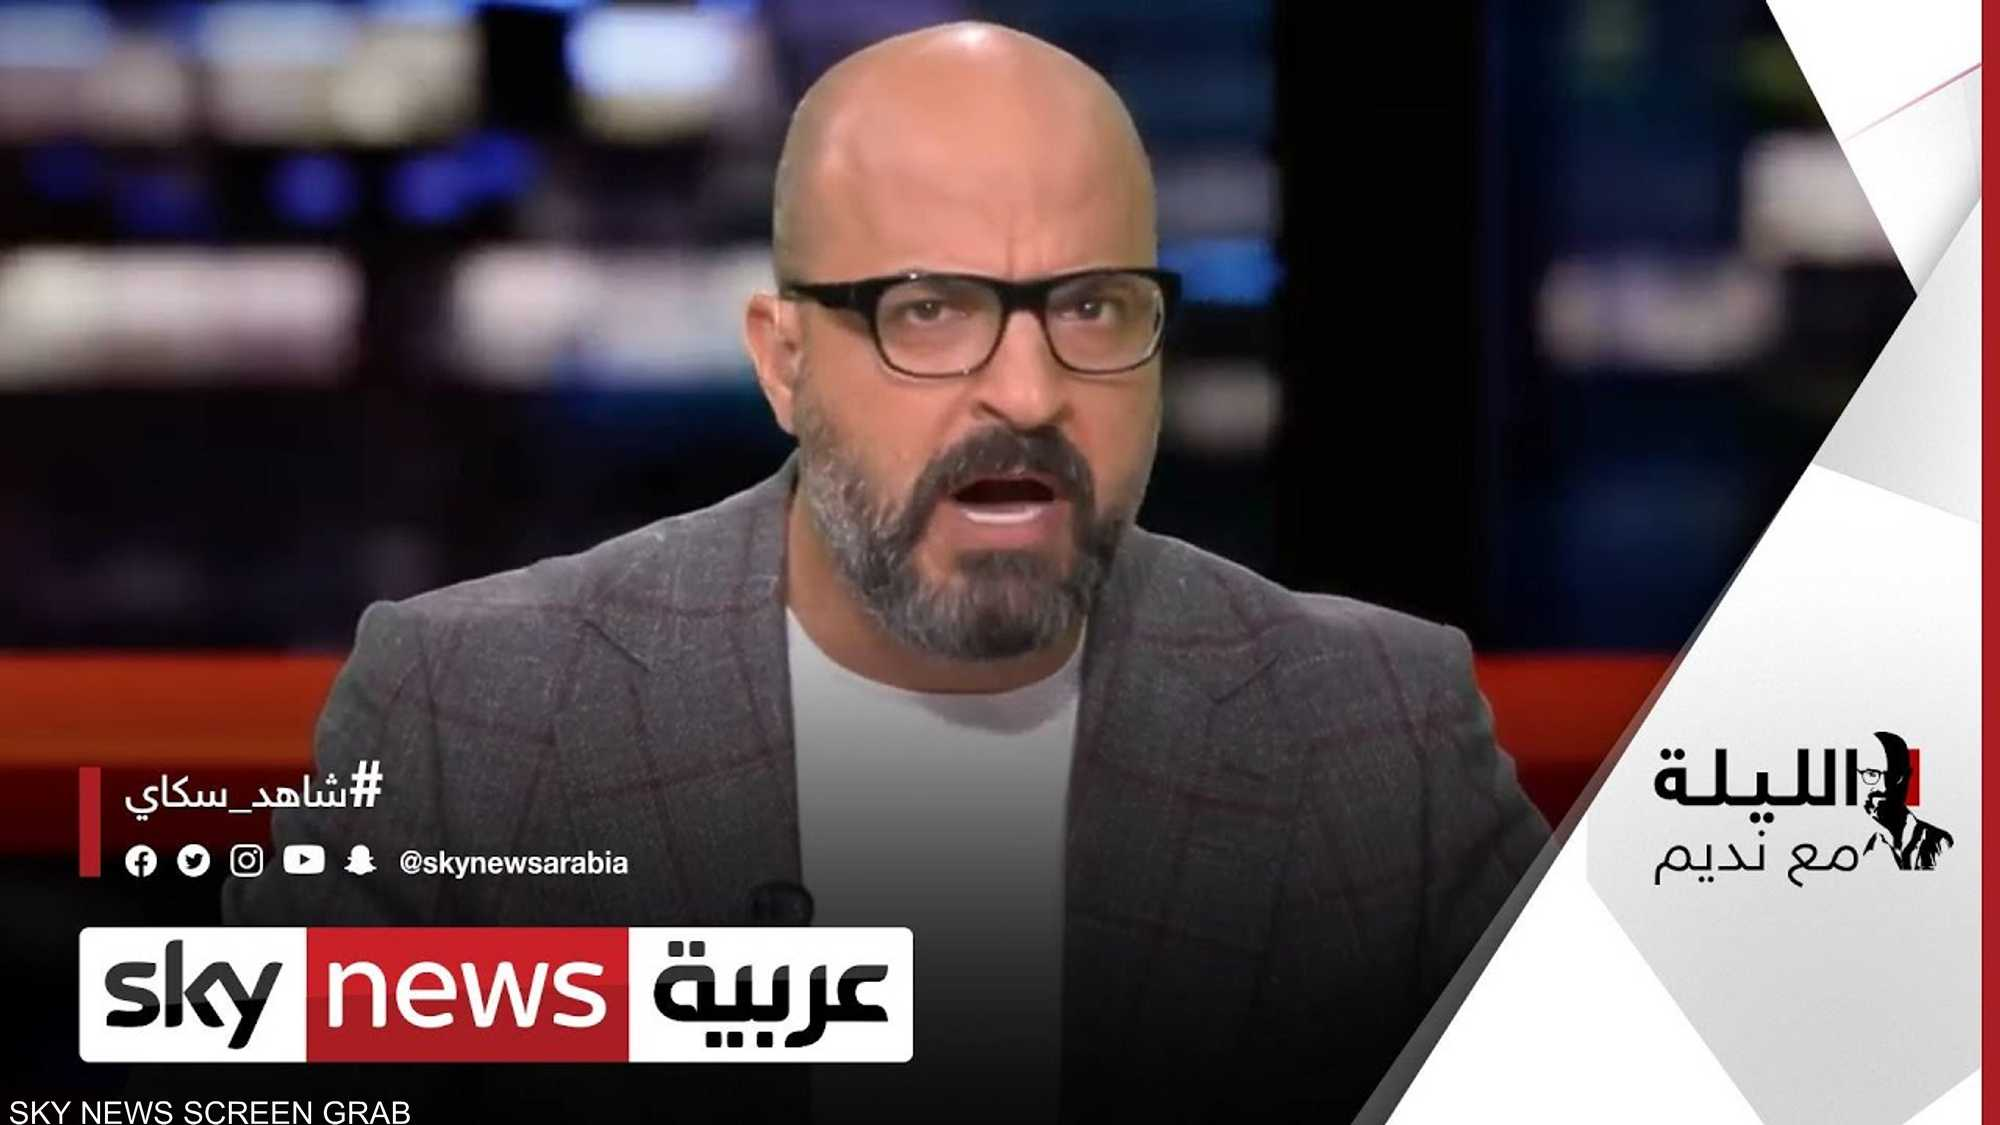 لأردوغان رأي في حرب اليمن في ضوء تجربة تركيا بسوريا وليبيا